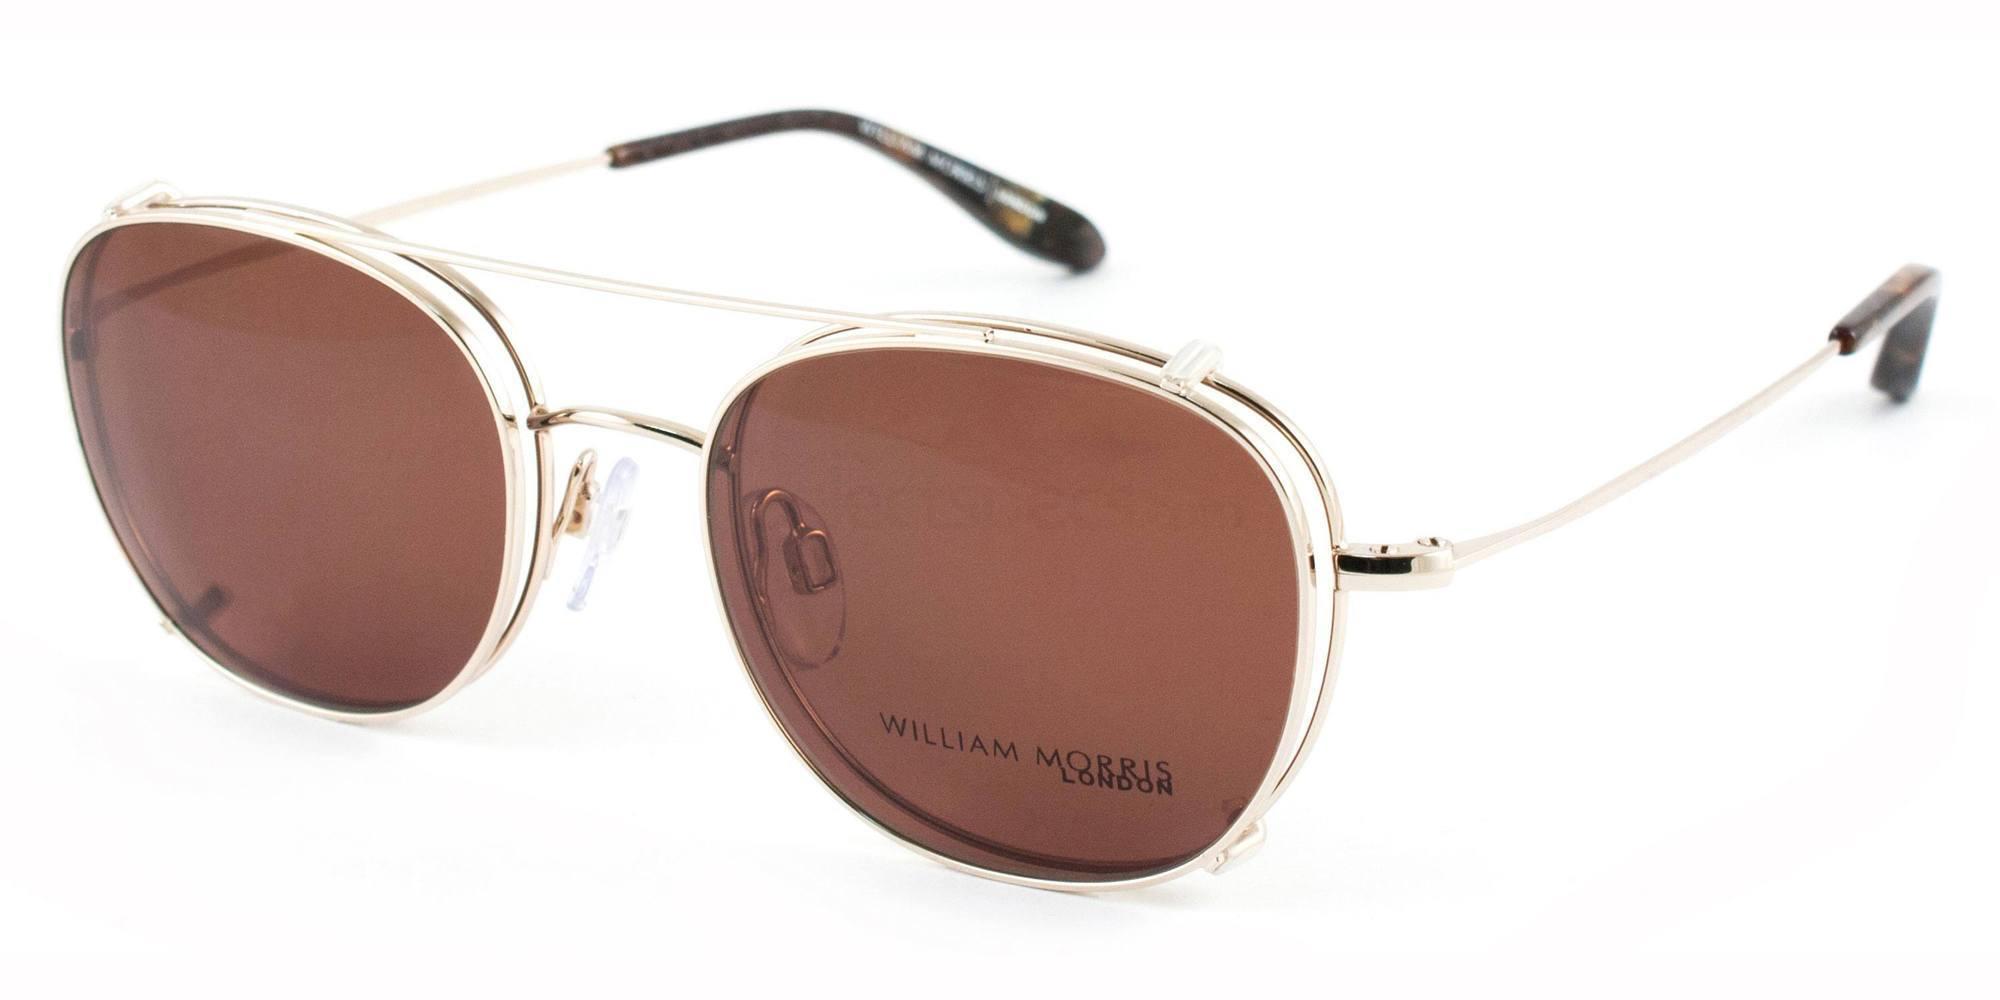 C1 WL6601 Sunglasses, William Morris London